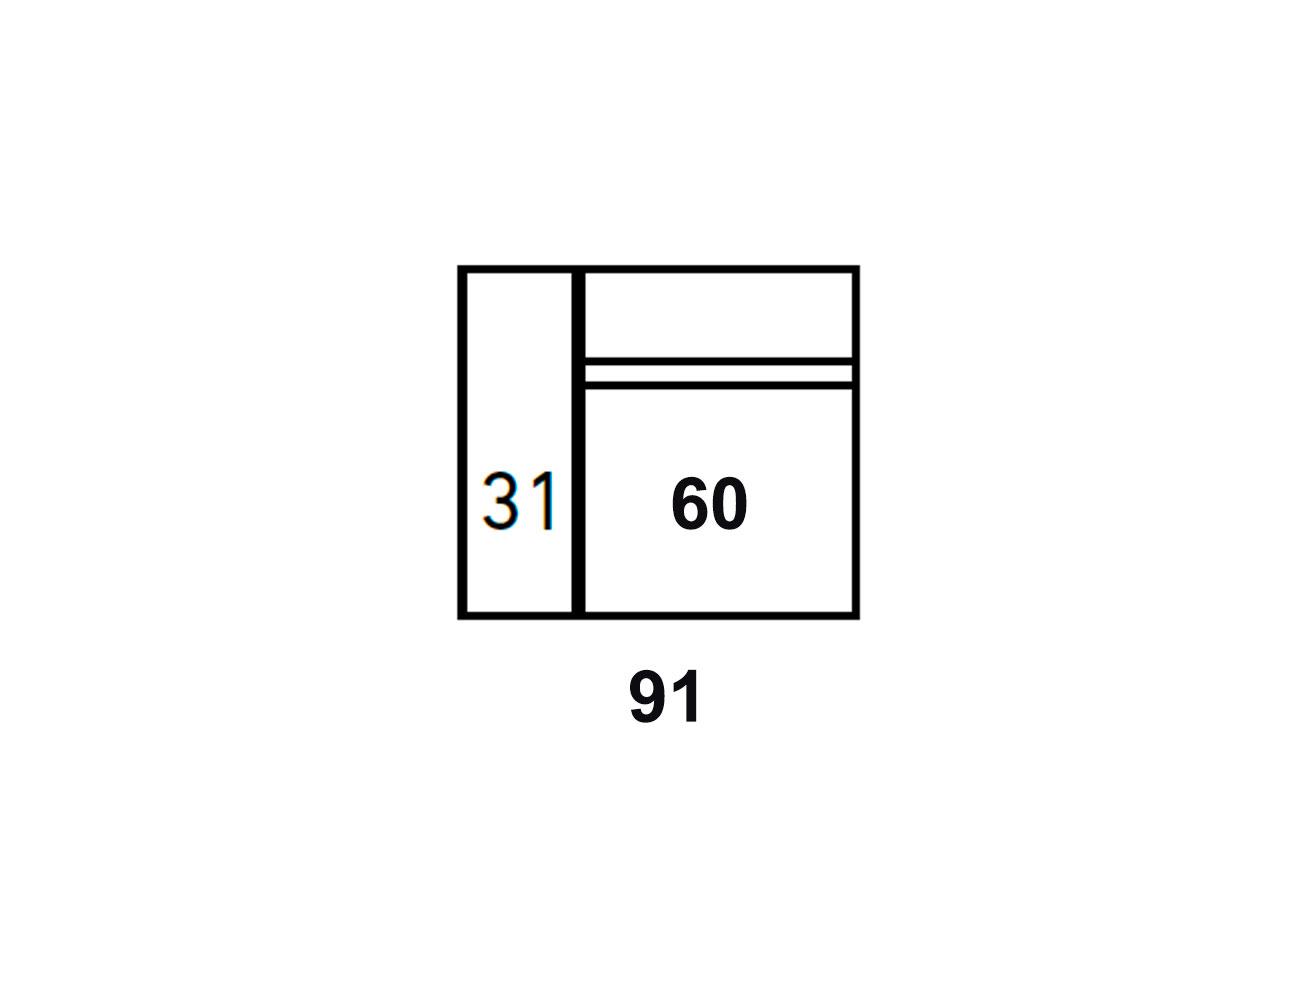 Modulo 1p 9110